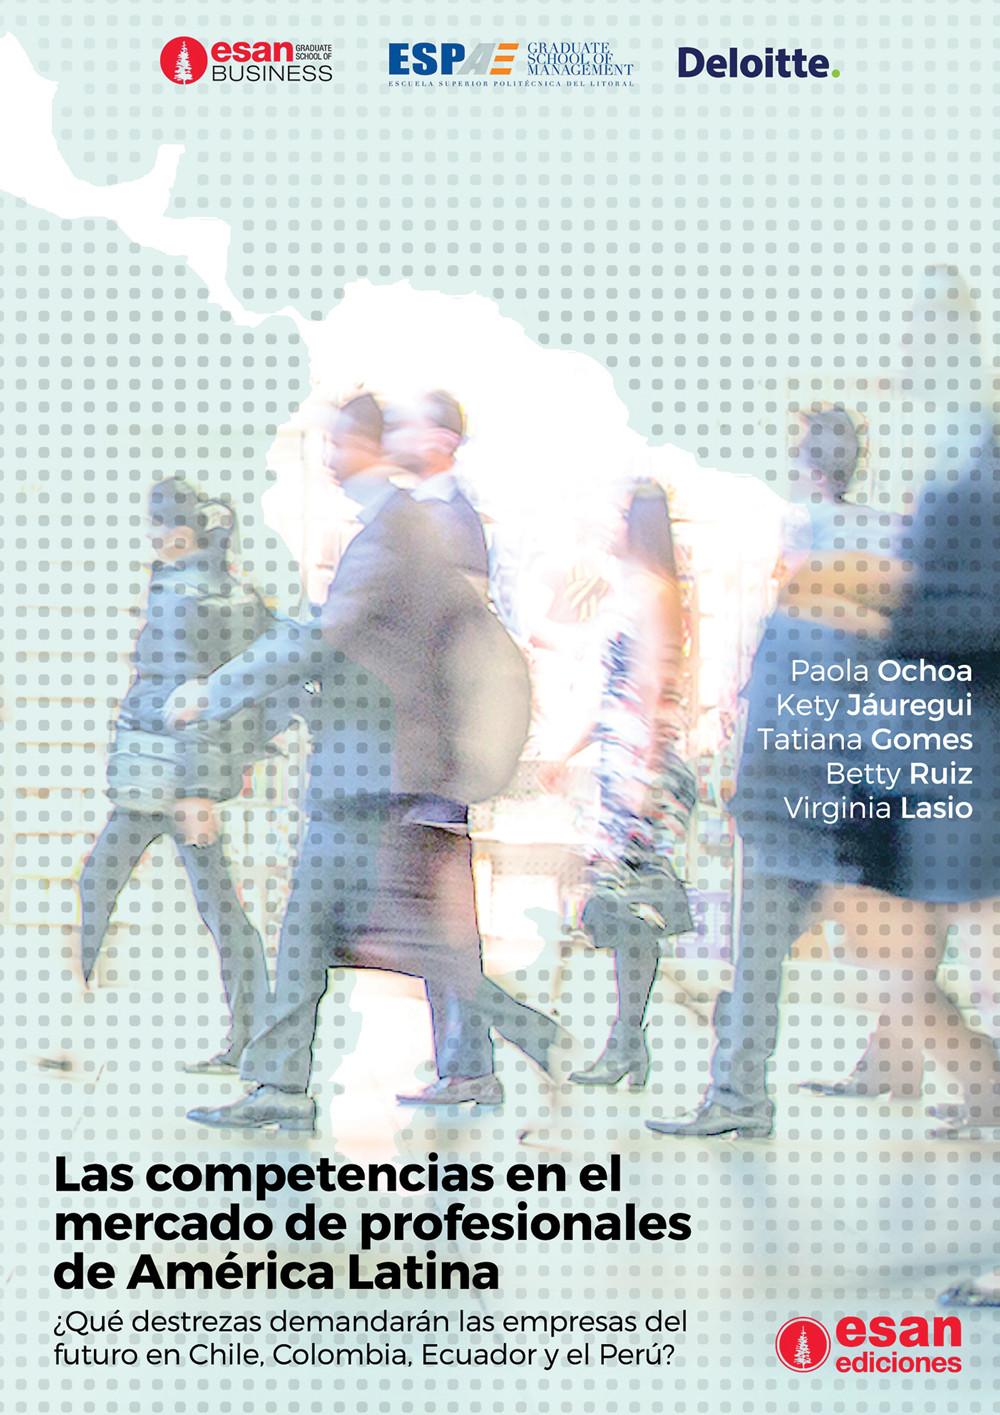 Las competencias laborales en el mercado de profesionales de América Latina